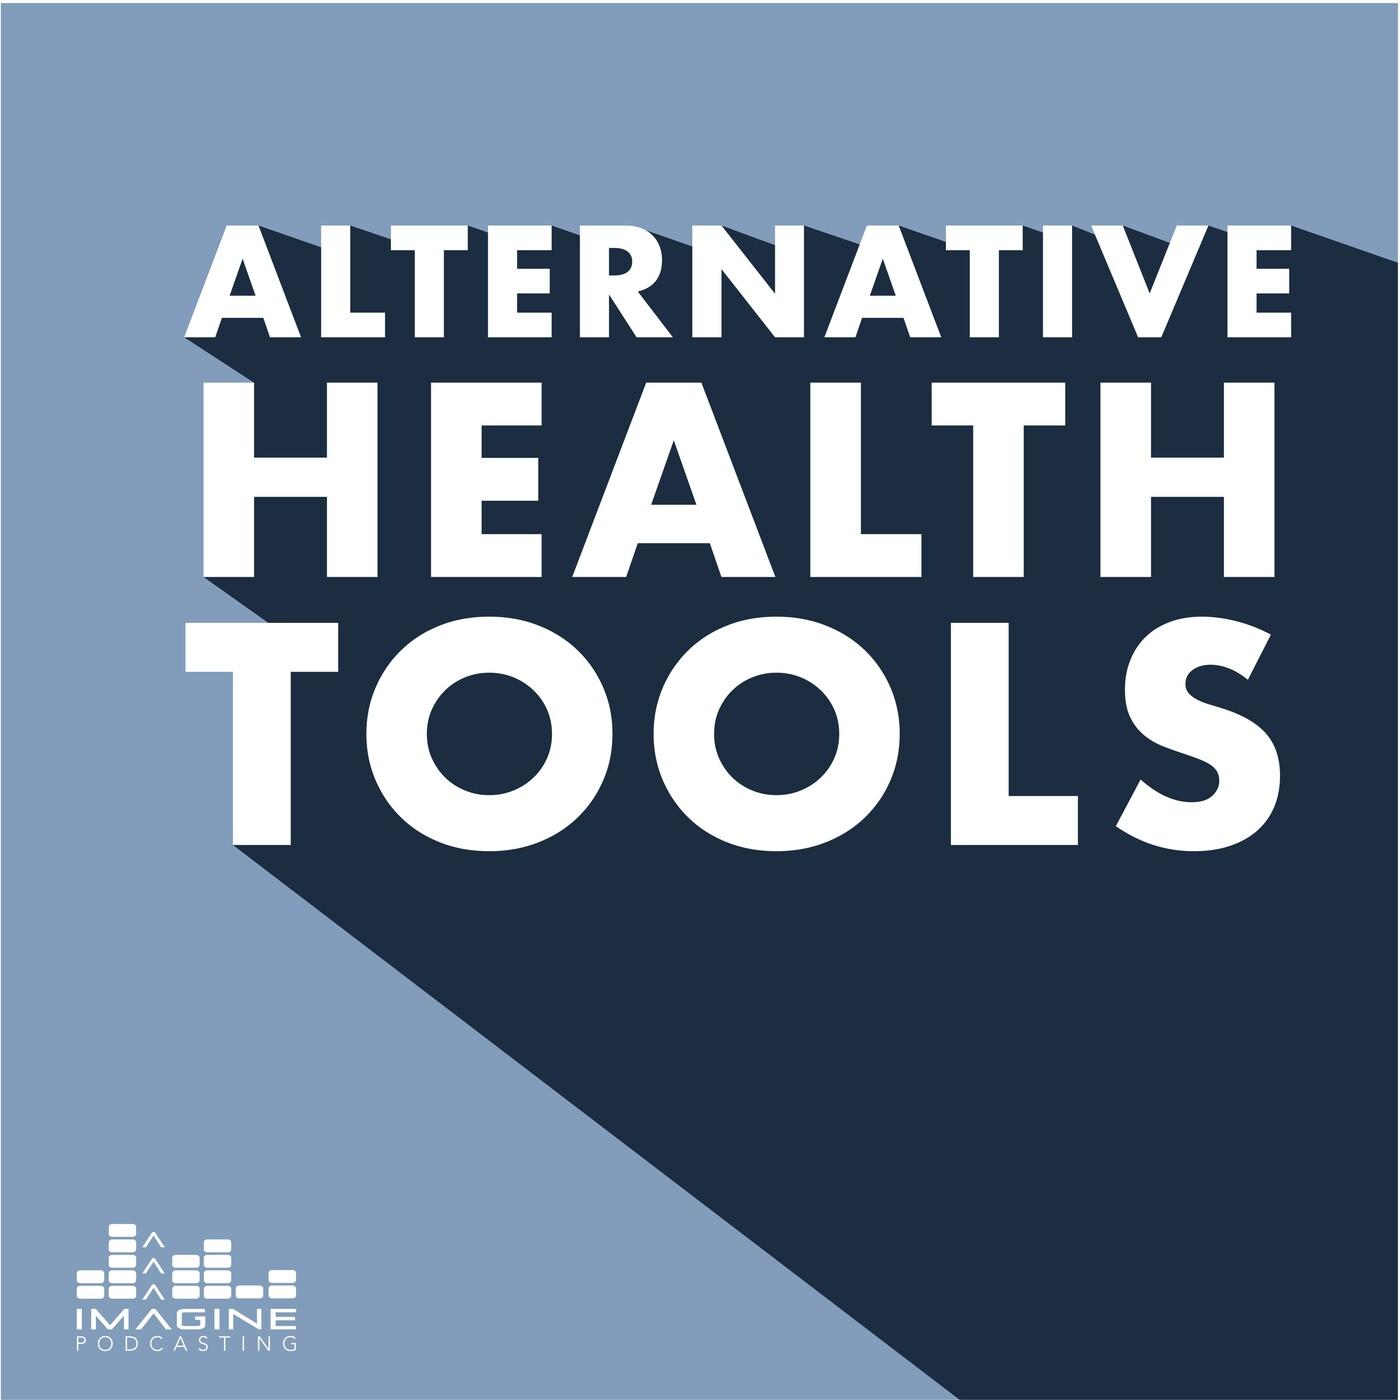 Alternative Health Tools album artwork